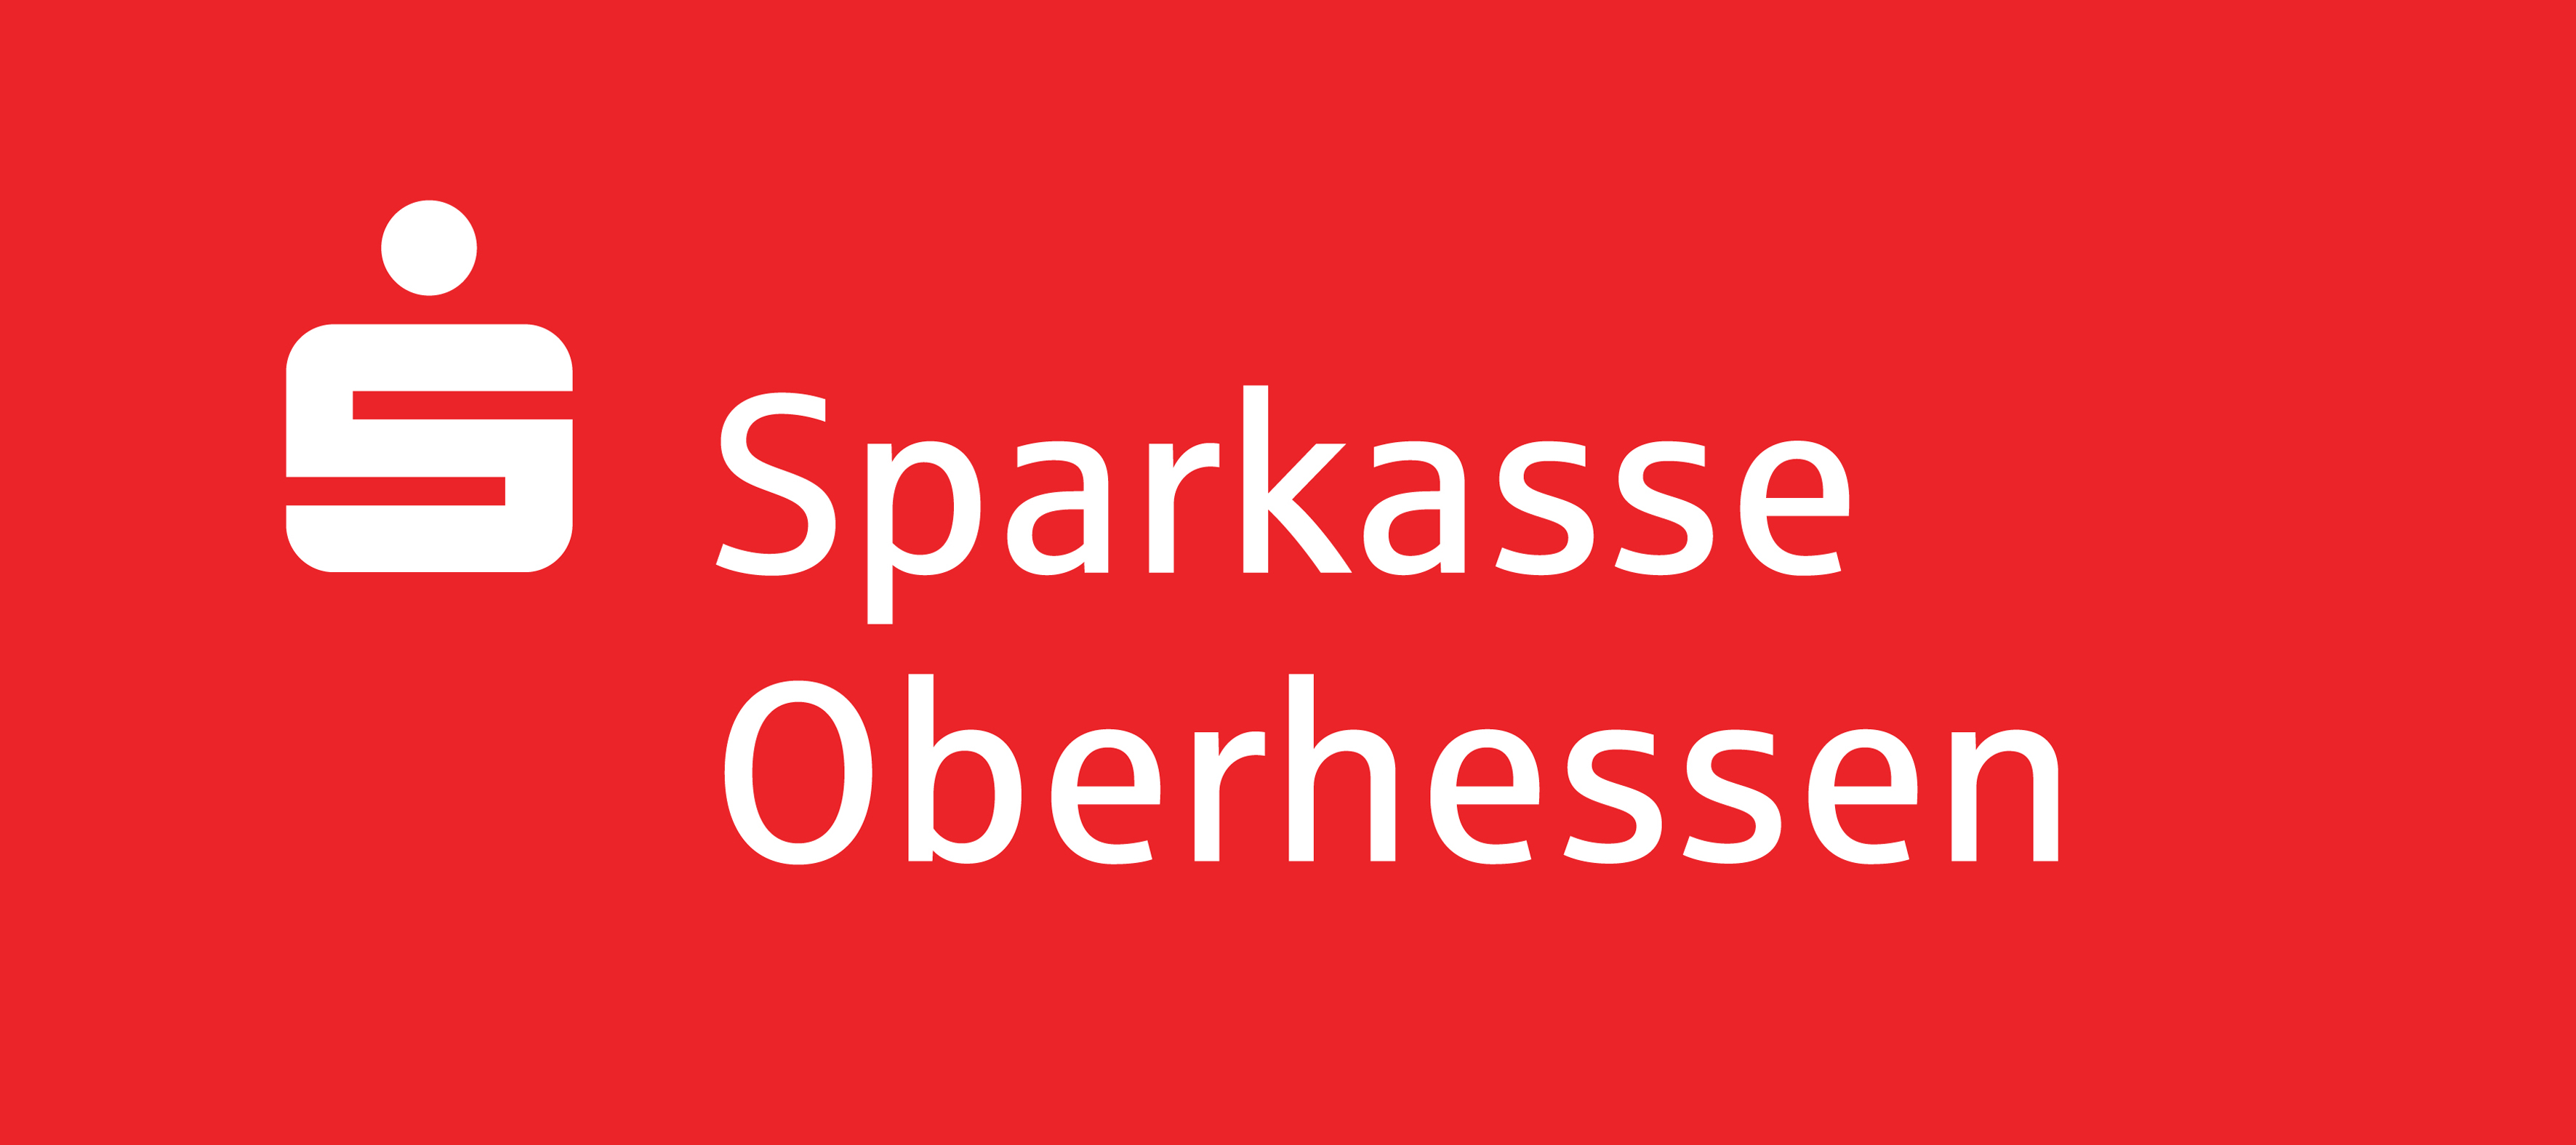 wir freuen uns wenn im rahmen der grundfrderung unser logo genutzt wird - Sparkasse Online Bewerbung